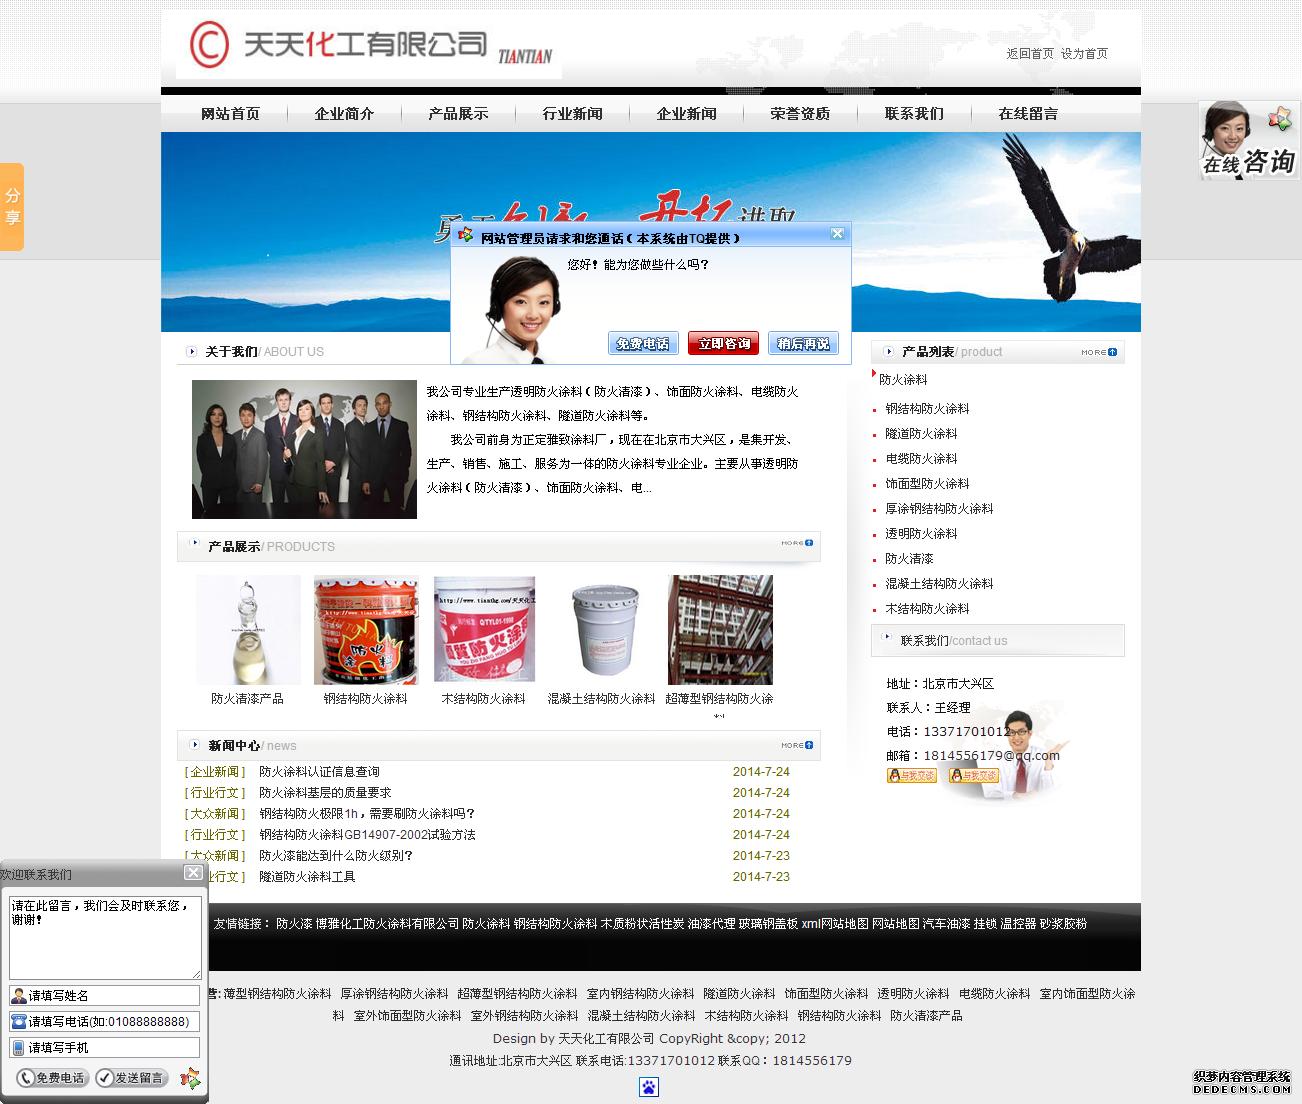 北京天天化工网站优化案例